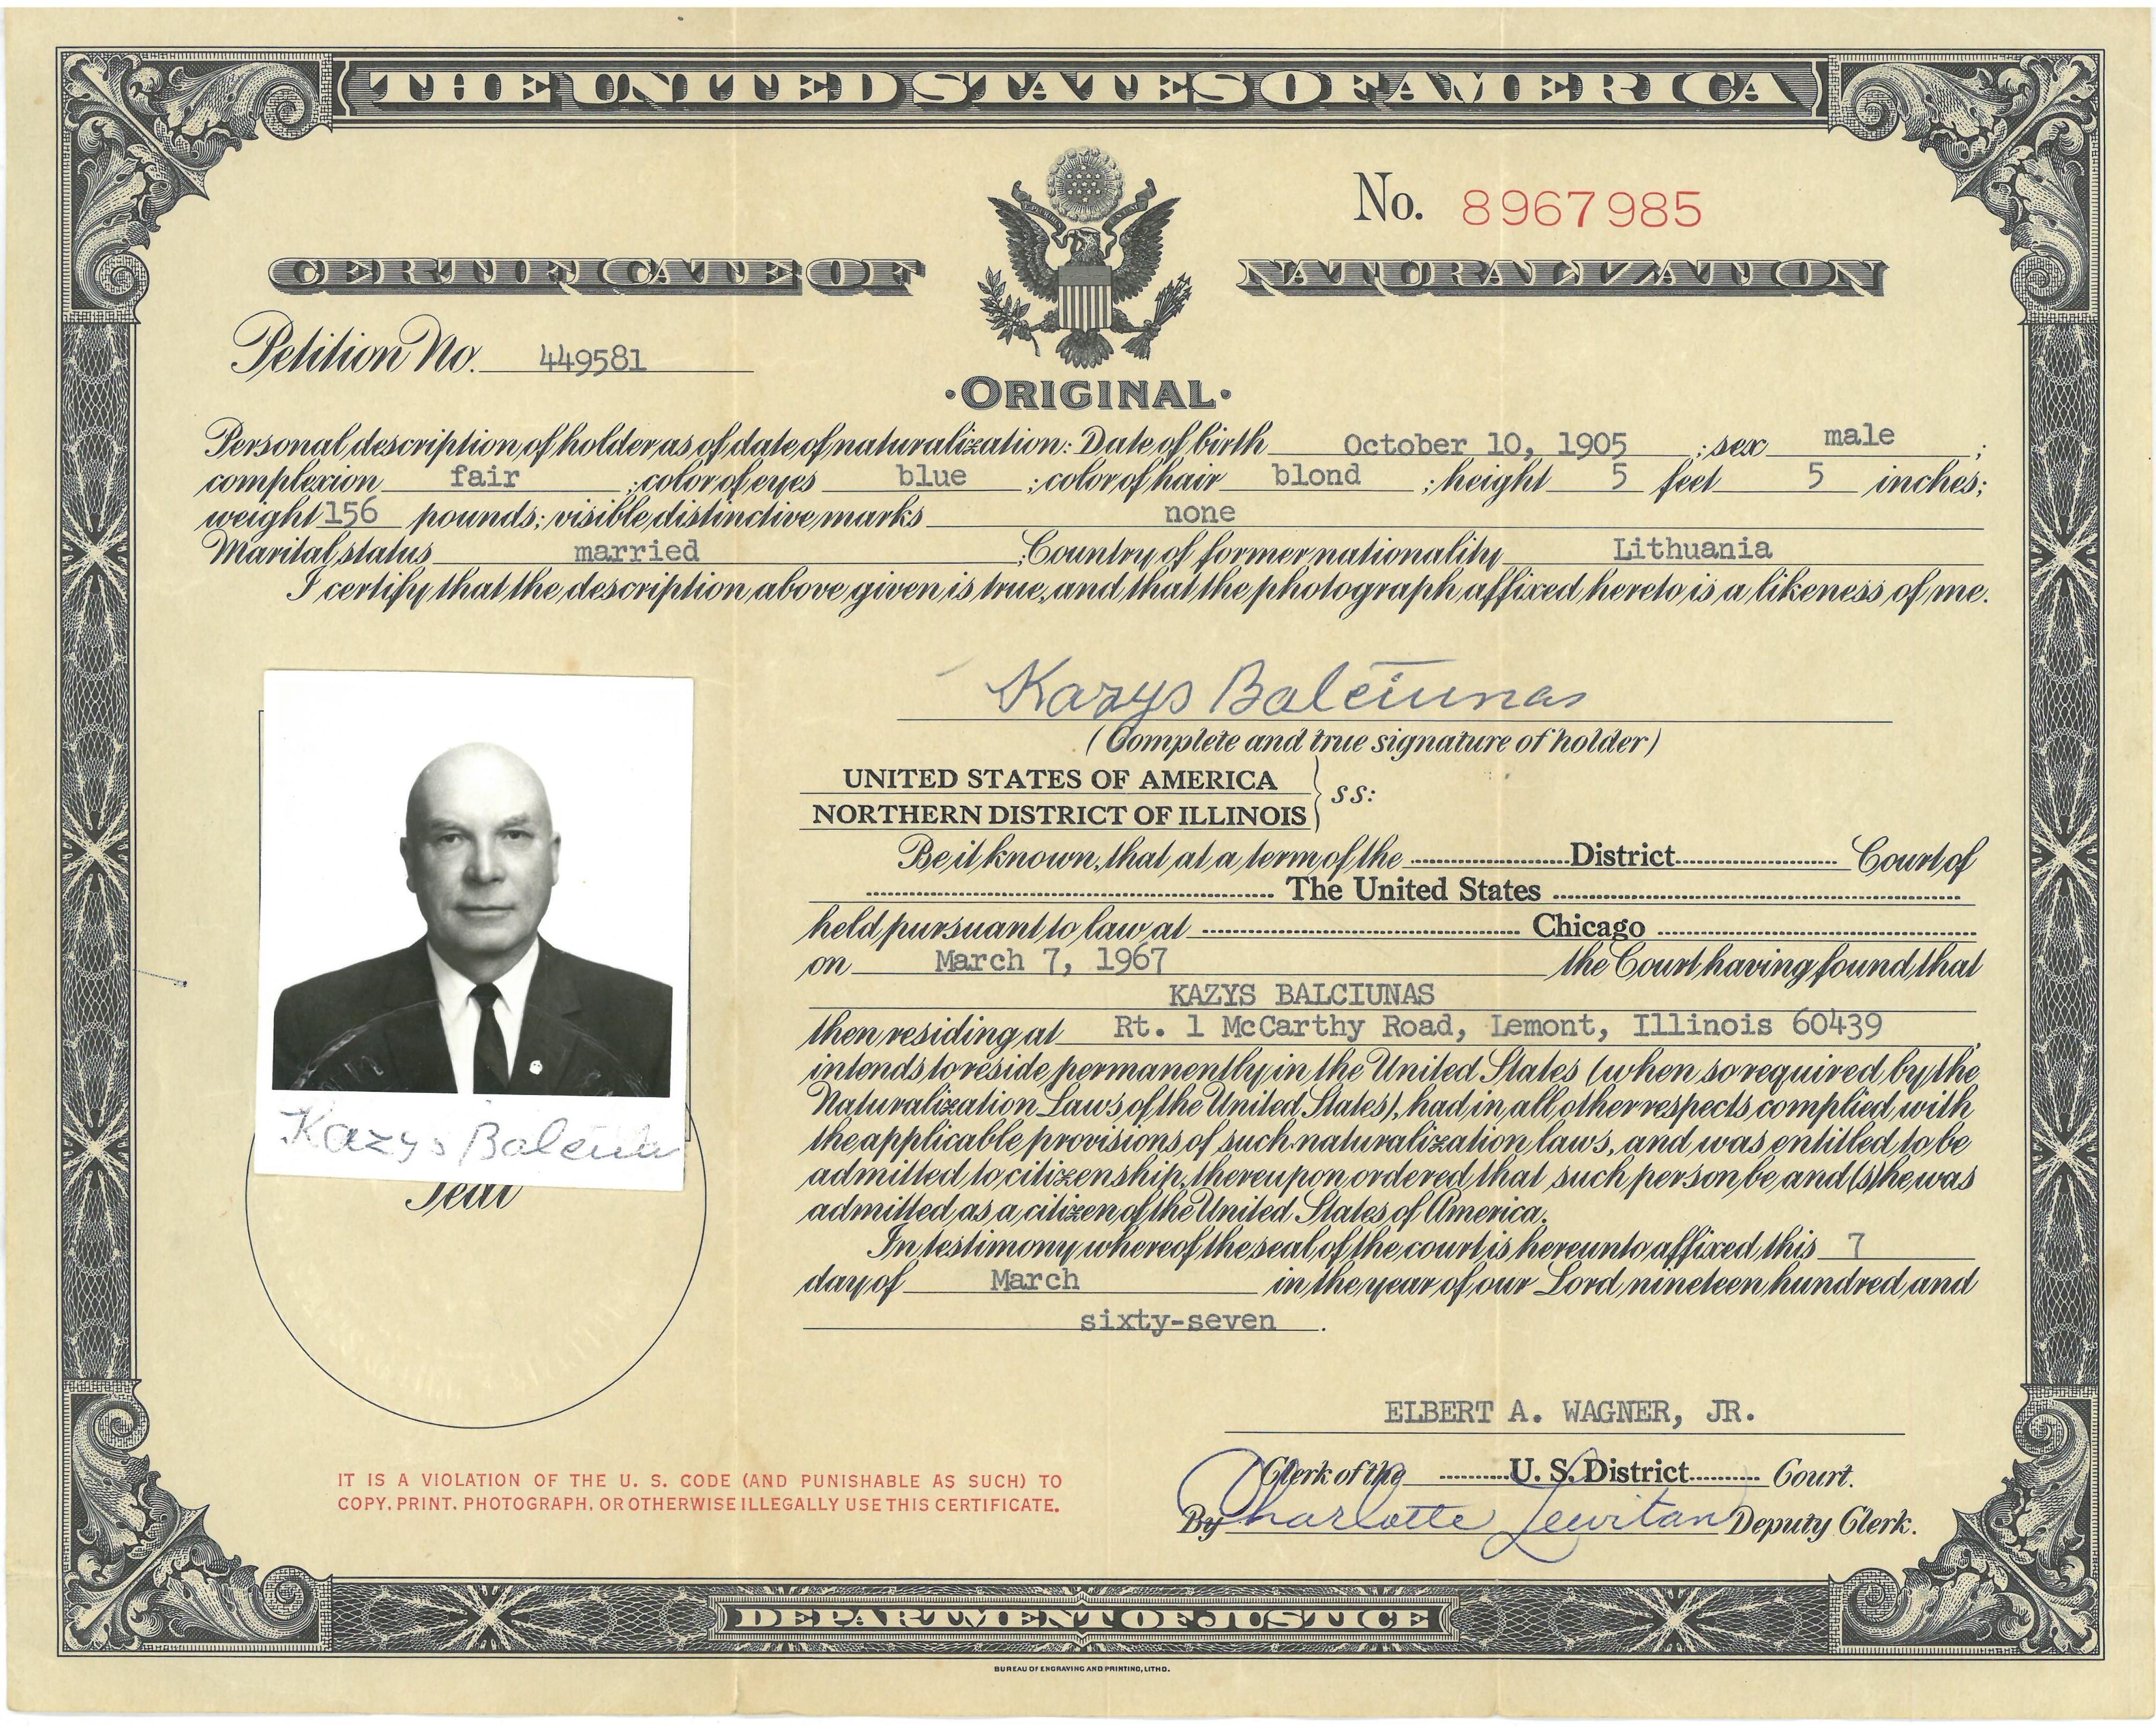 Pilietybės suteikimo užsienio valstybės piliečiui  sertifikatas, išduotas Kaziui Balčiūnui. JAV, 1967 m.